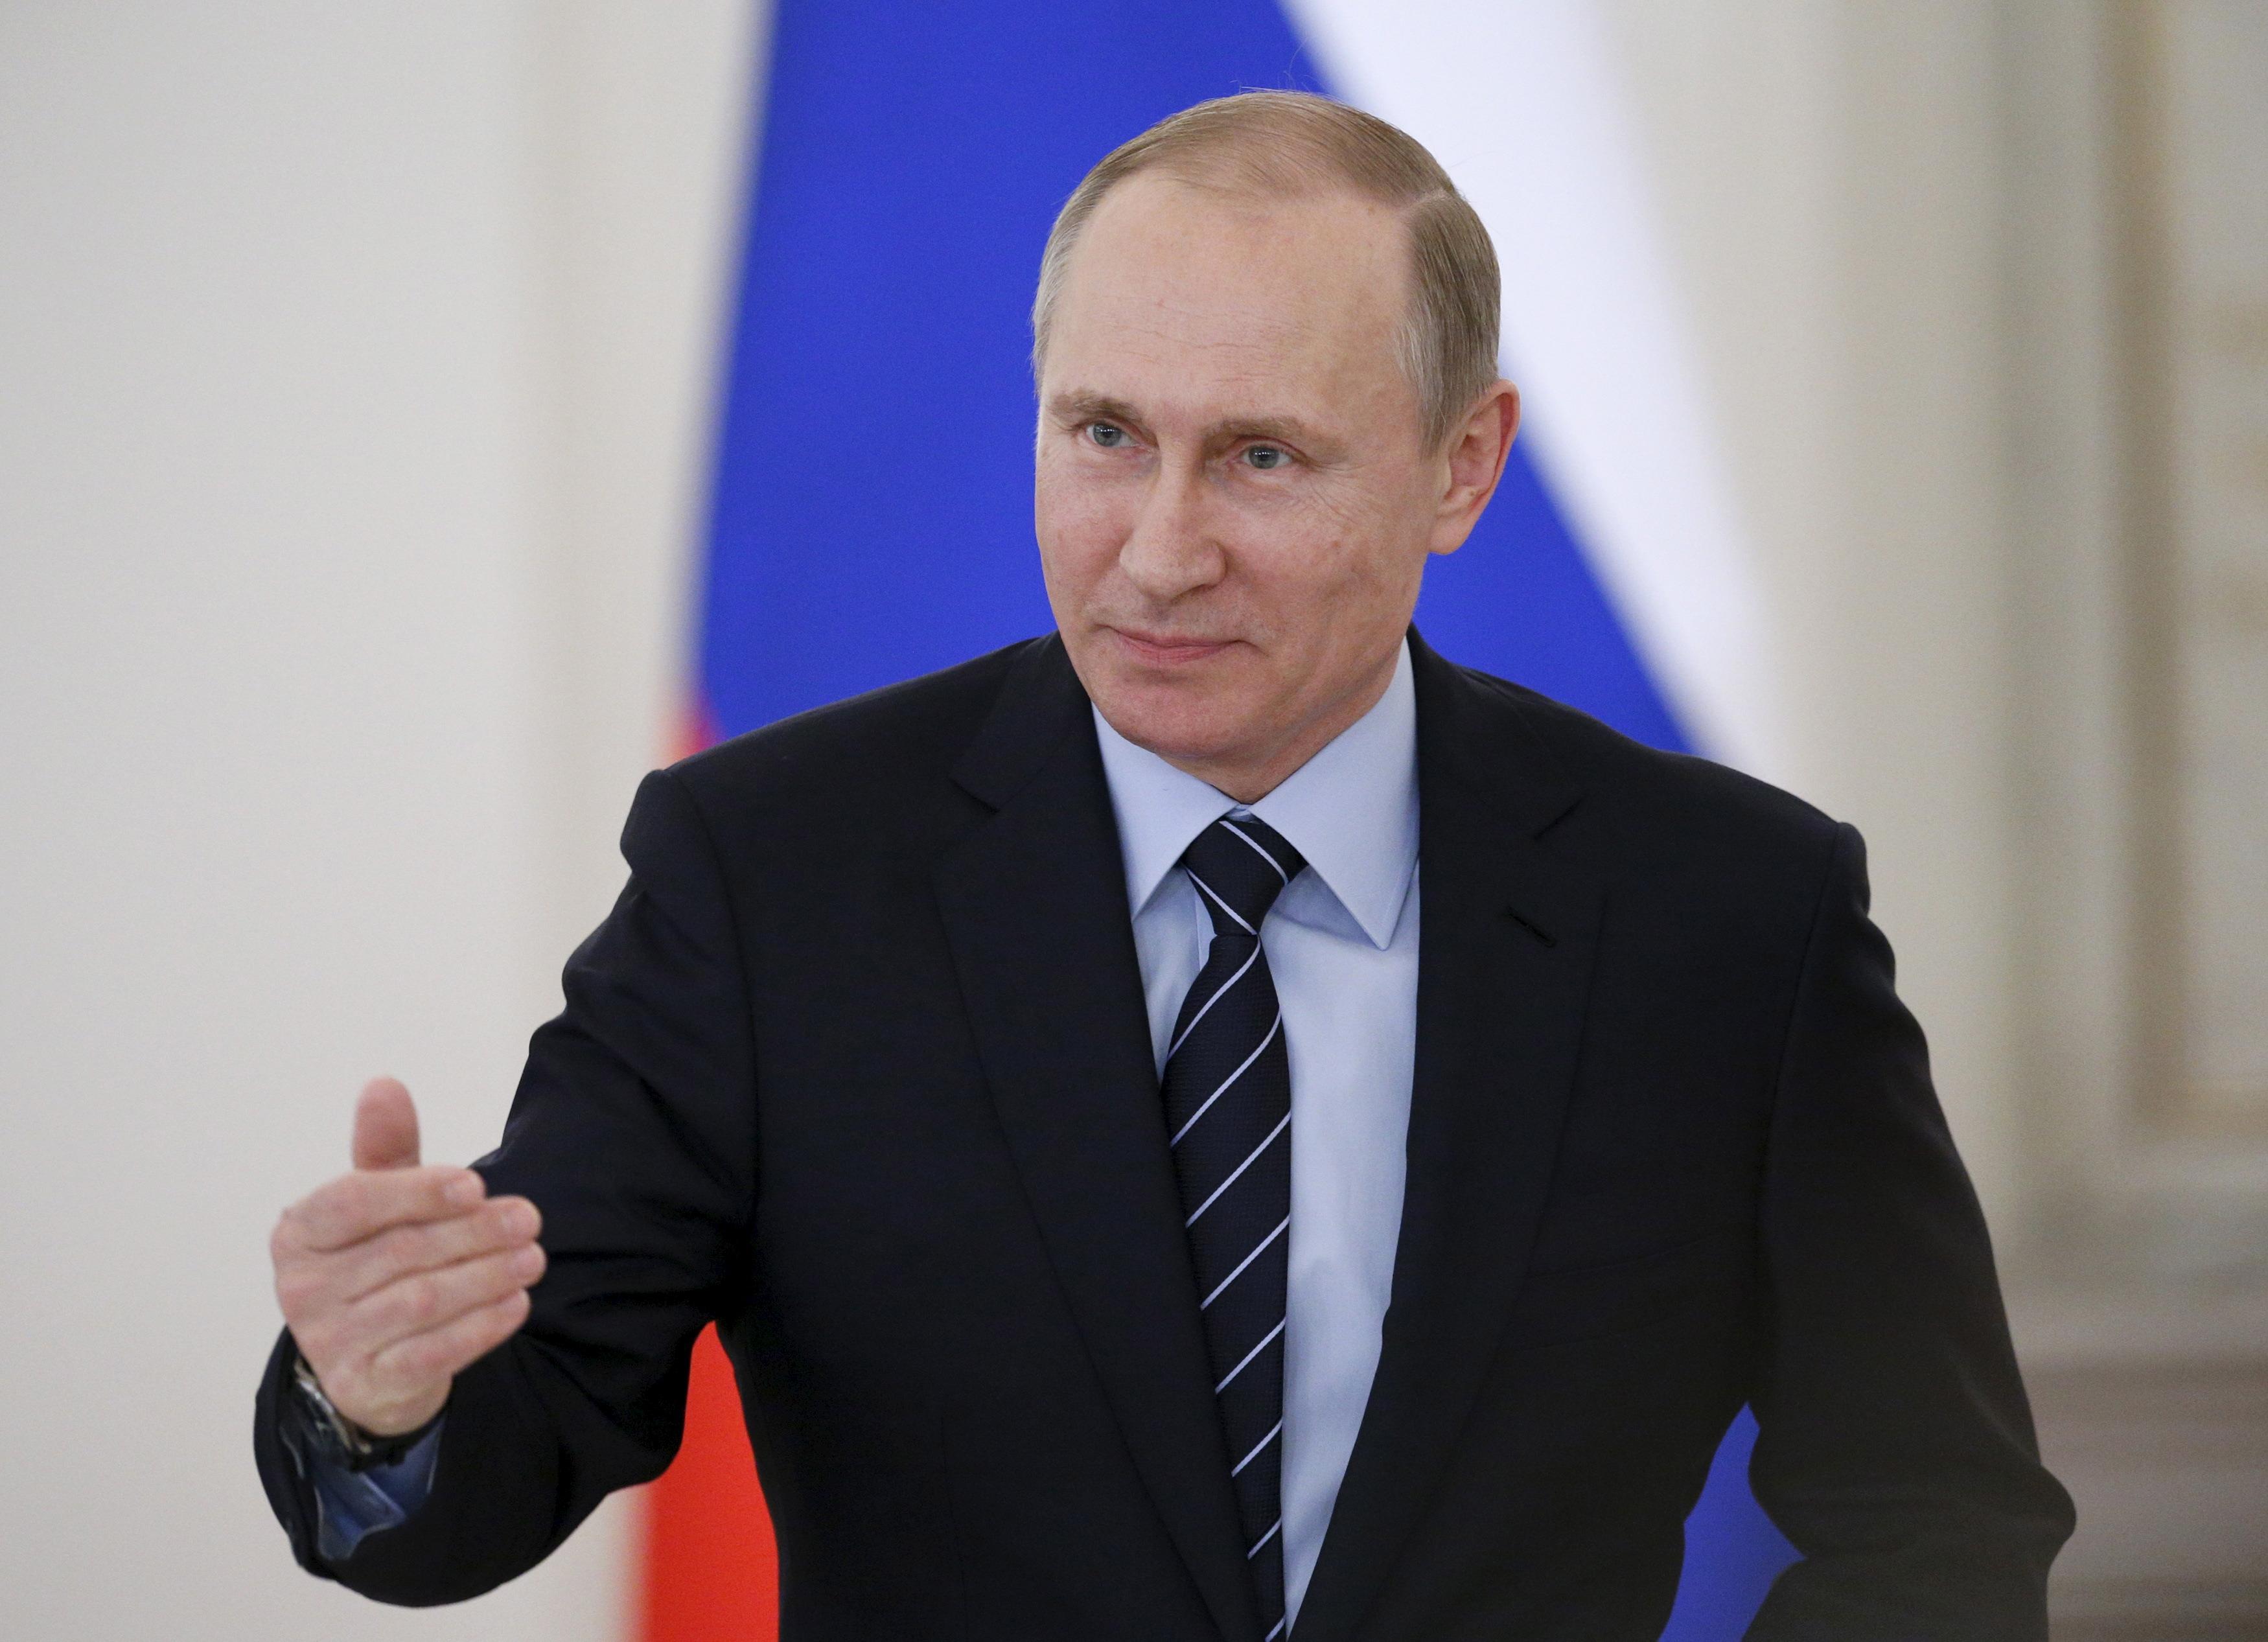 Vladimír Putin. Reuters